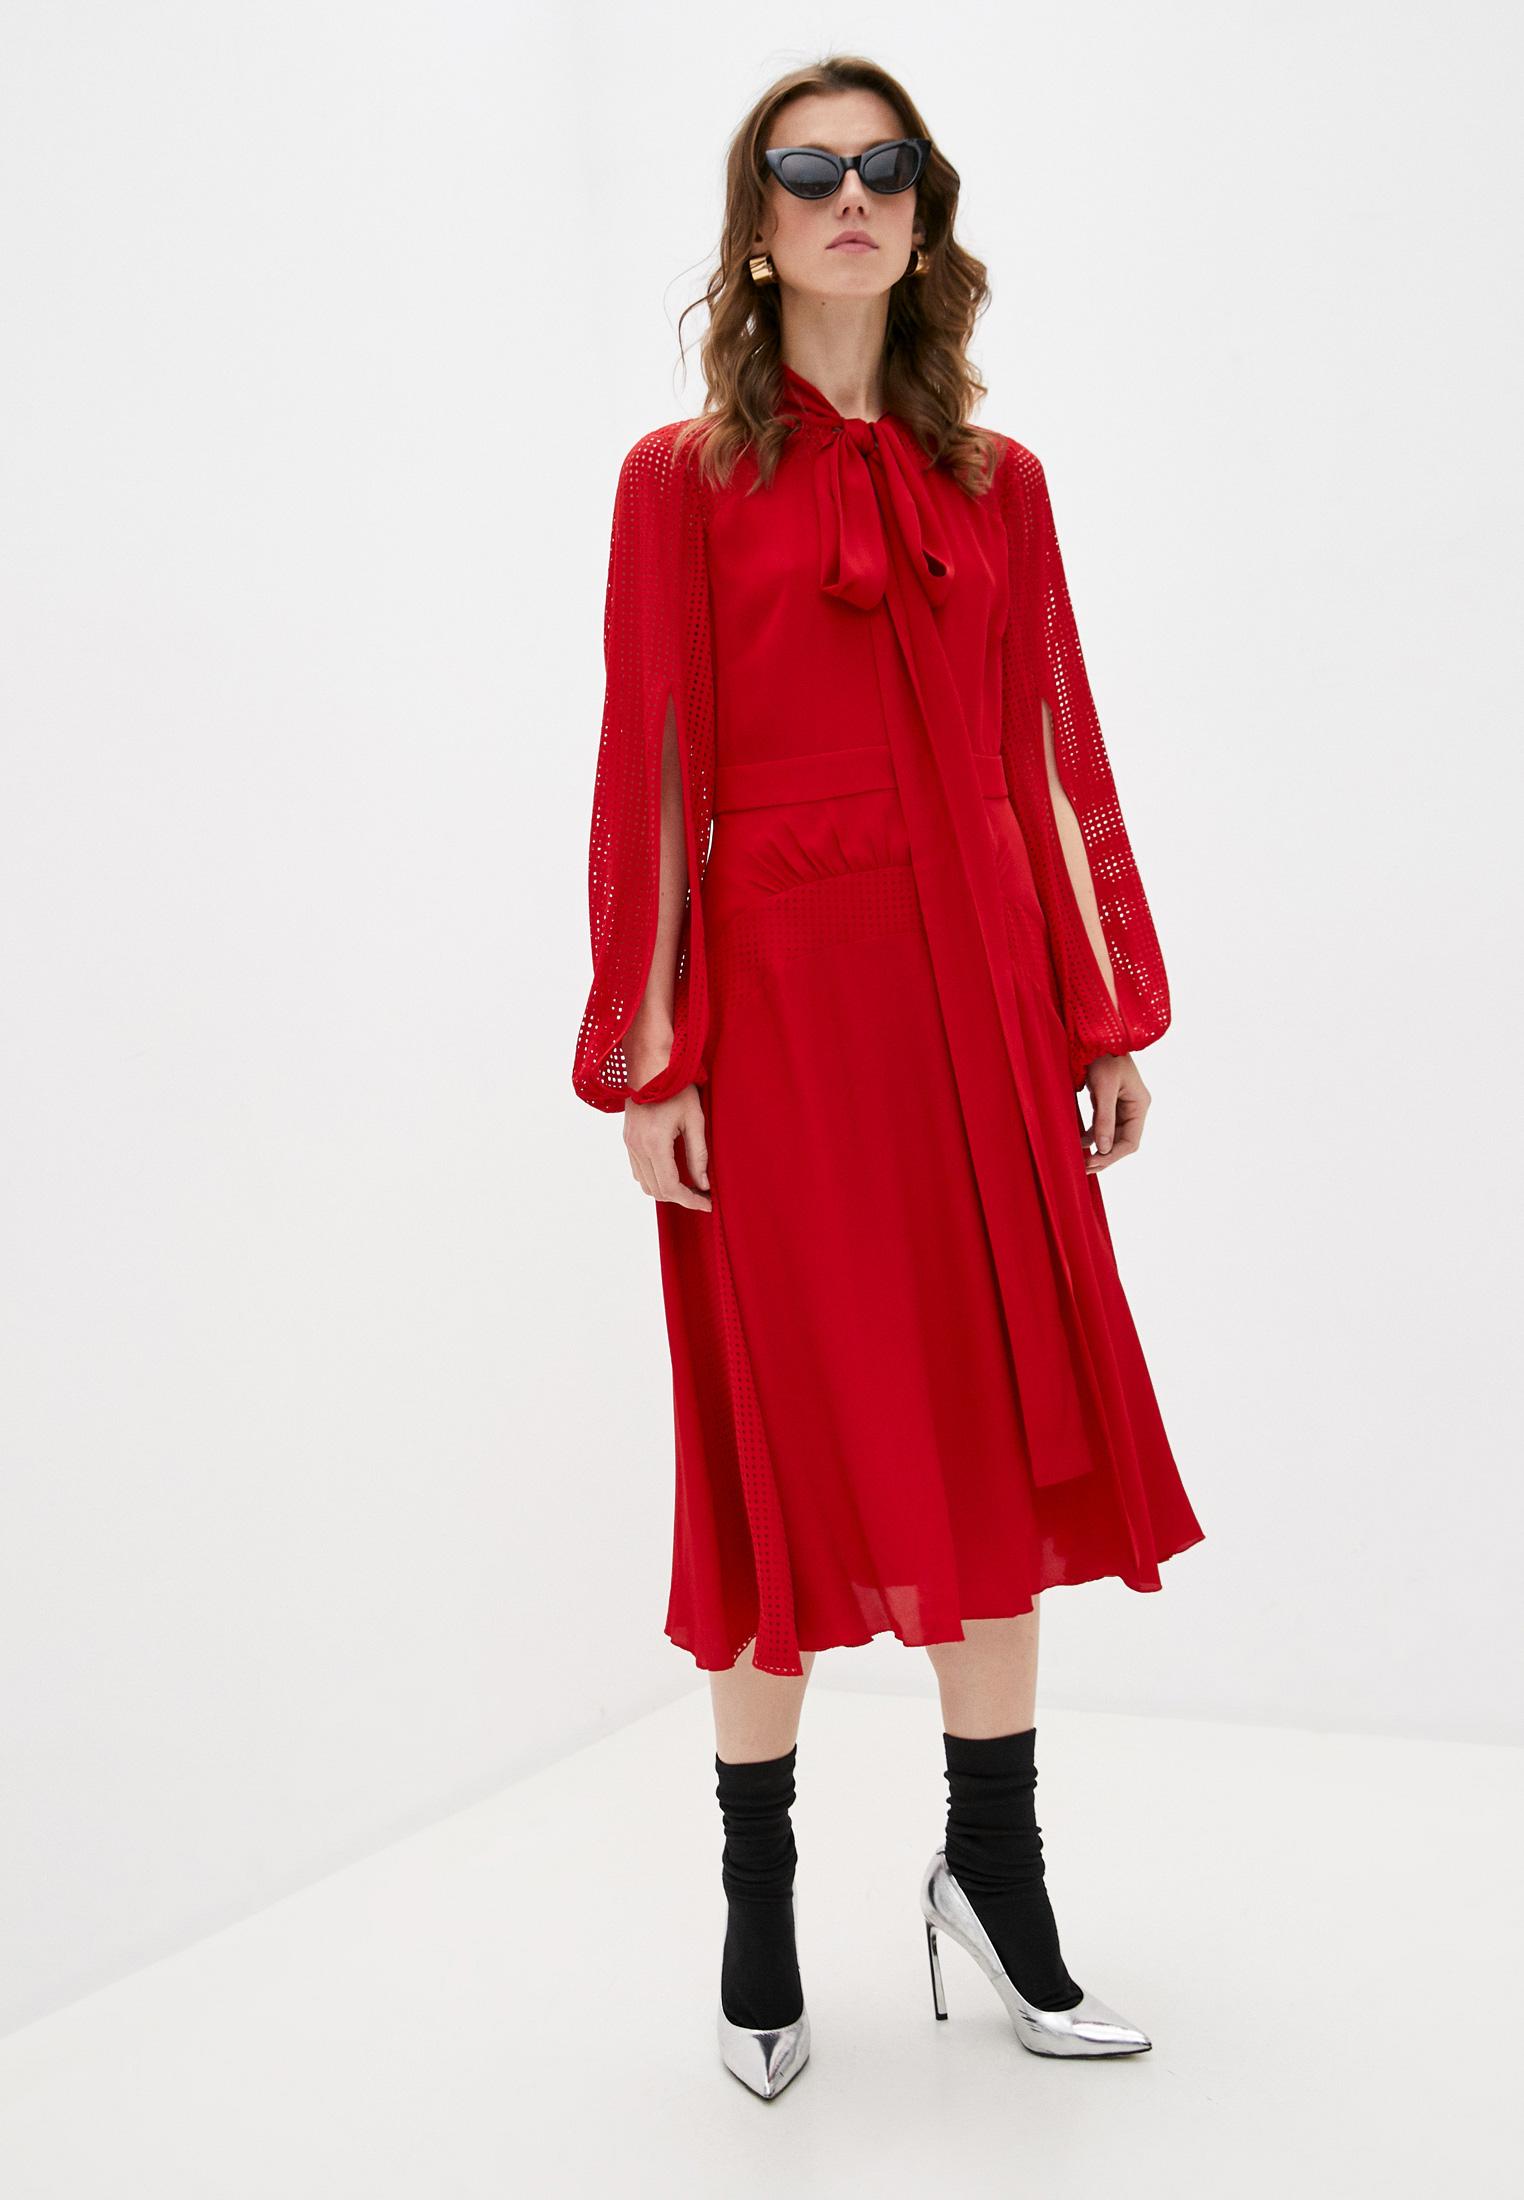 Повседневное платье N21 n2pH091 5111